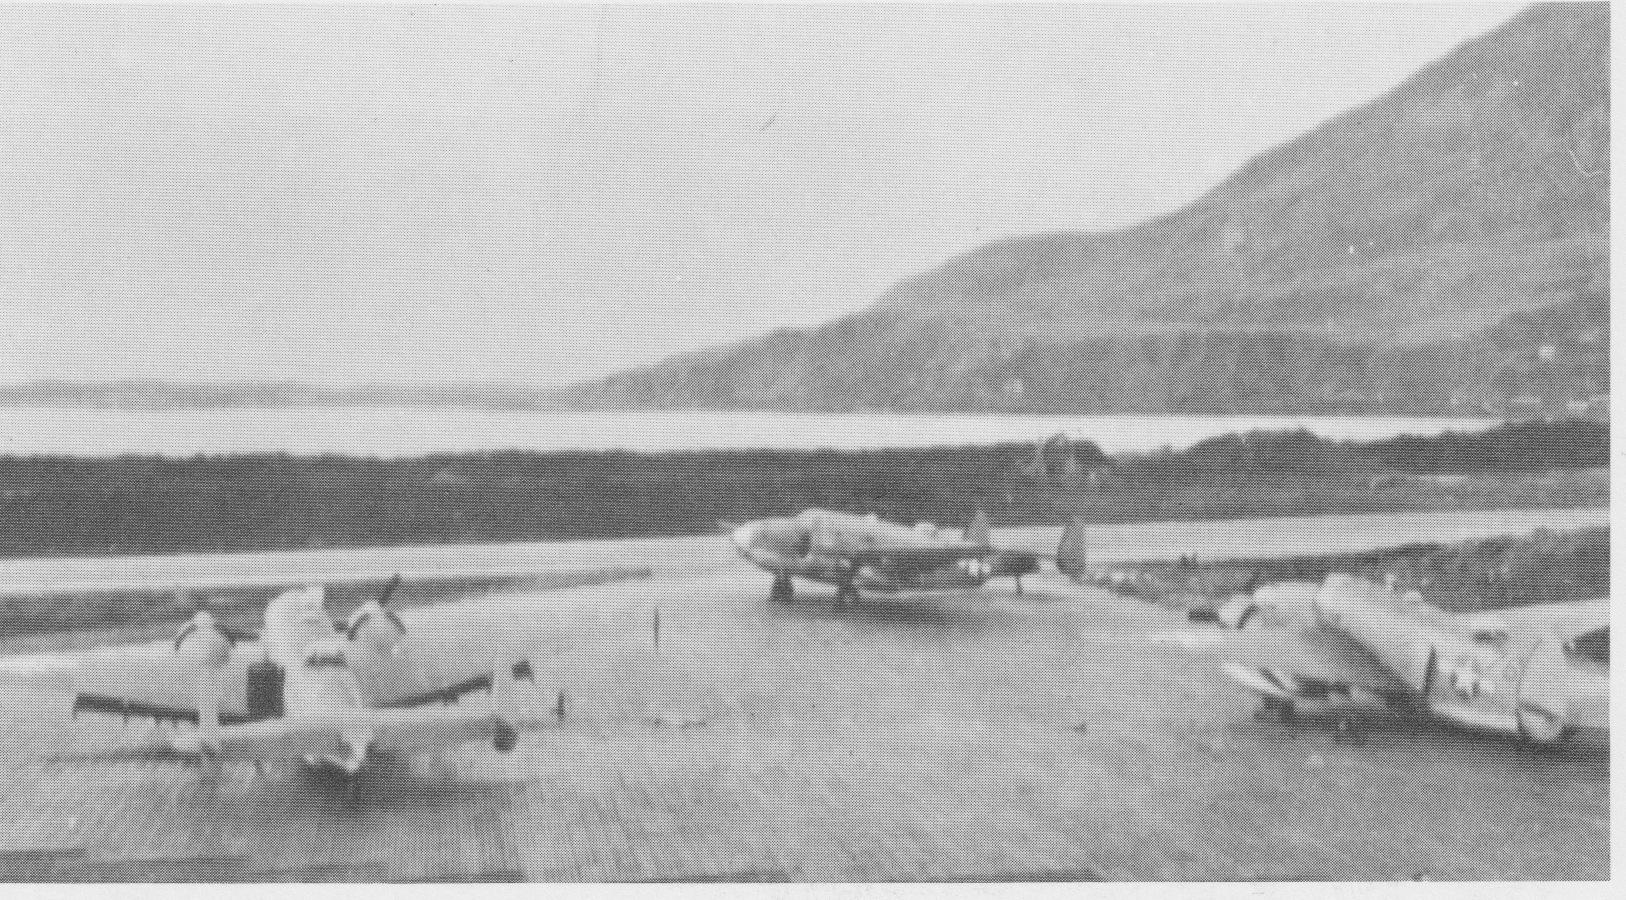 VB-136 Venturas at Casco field.